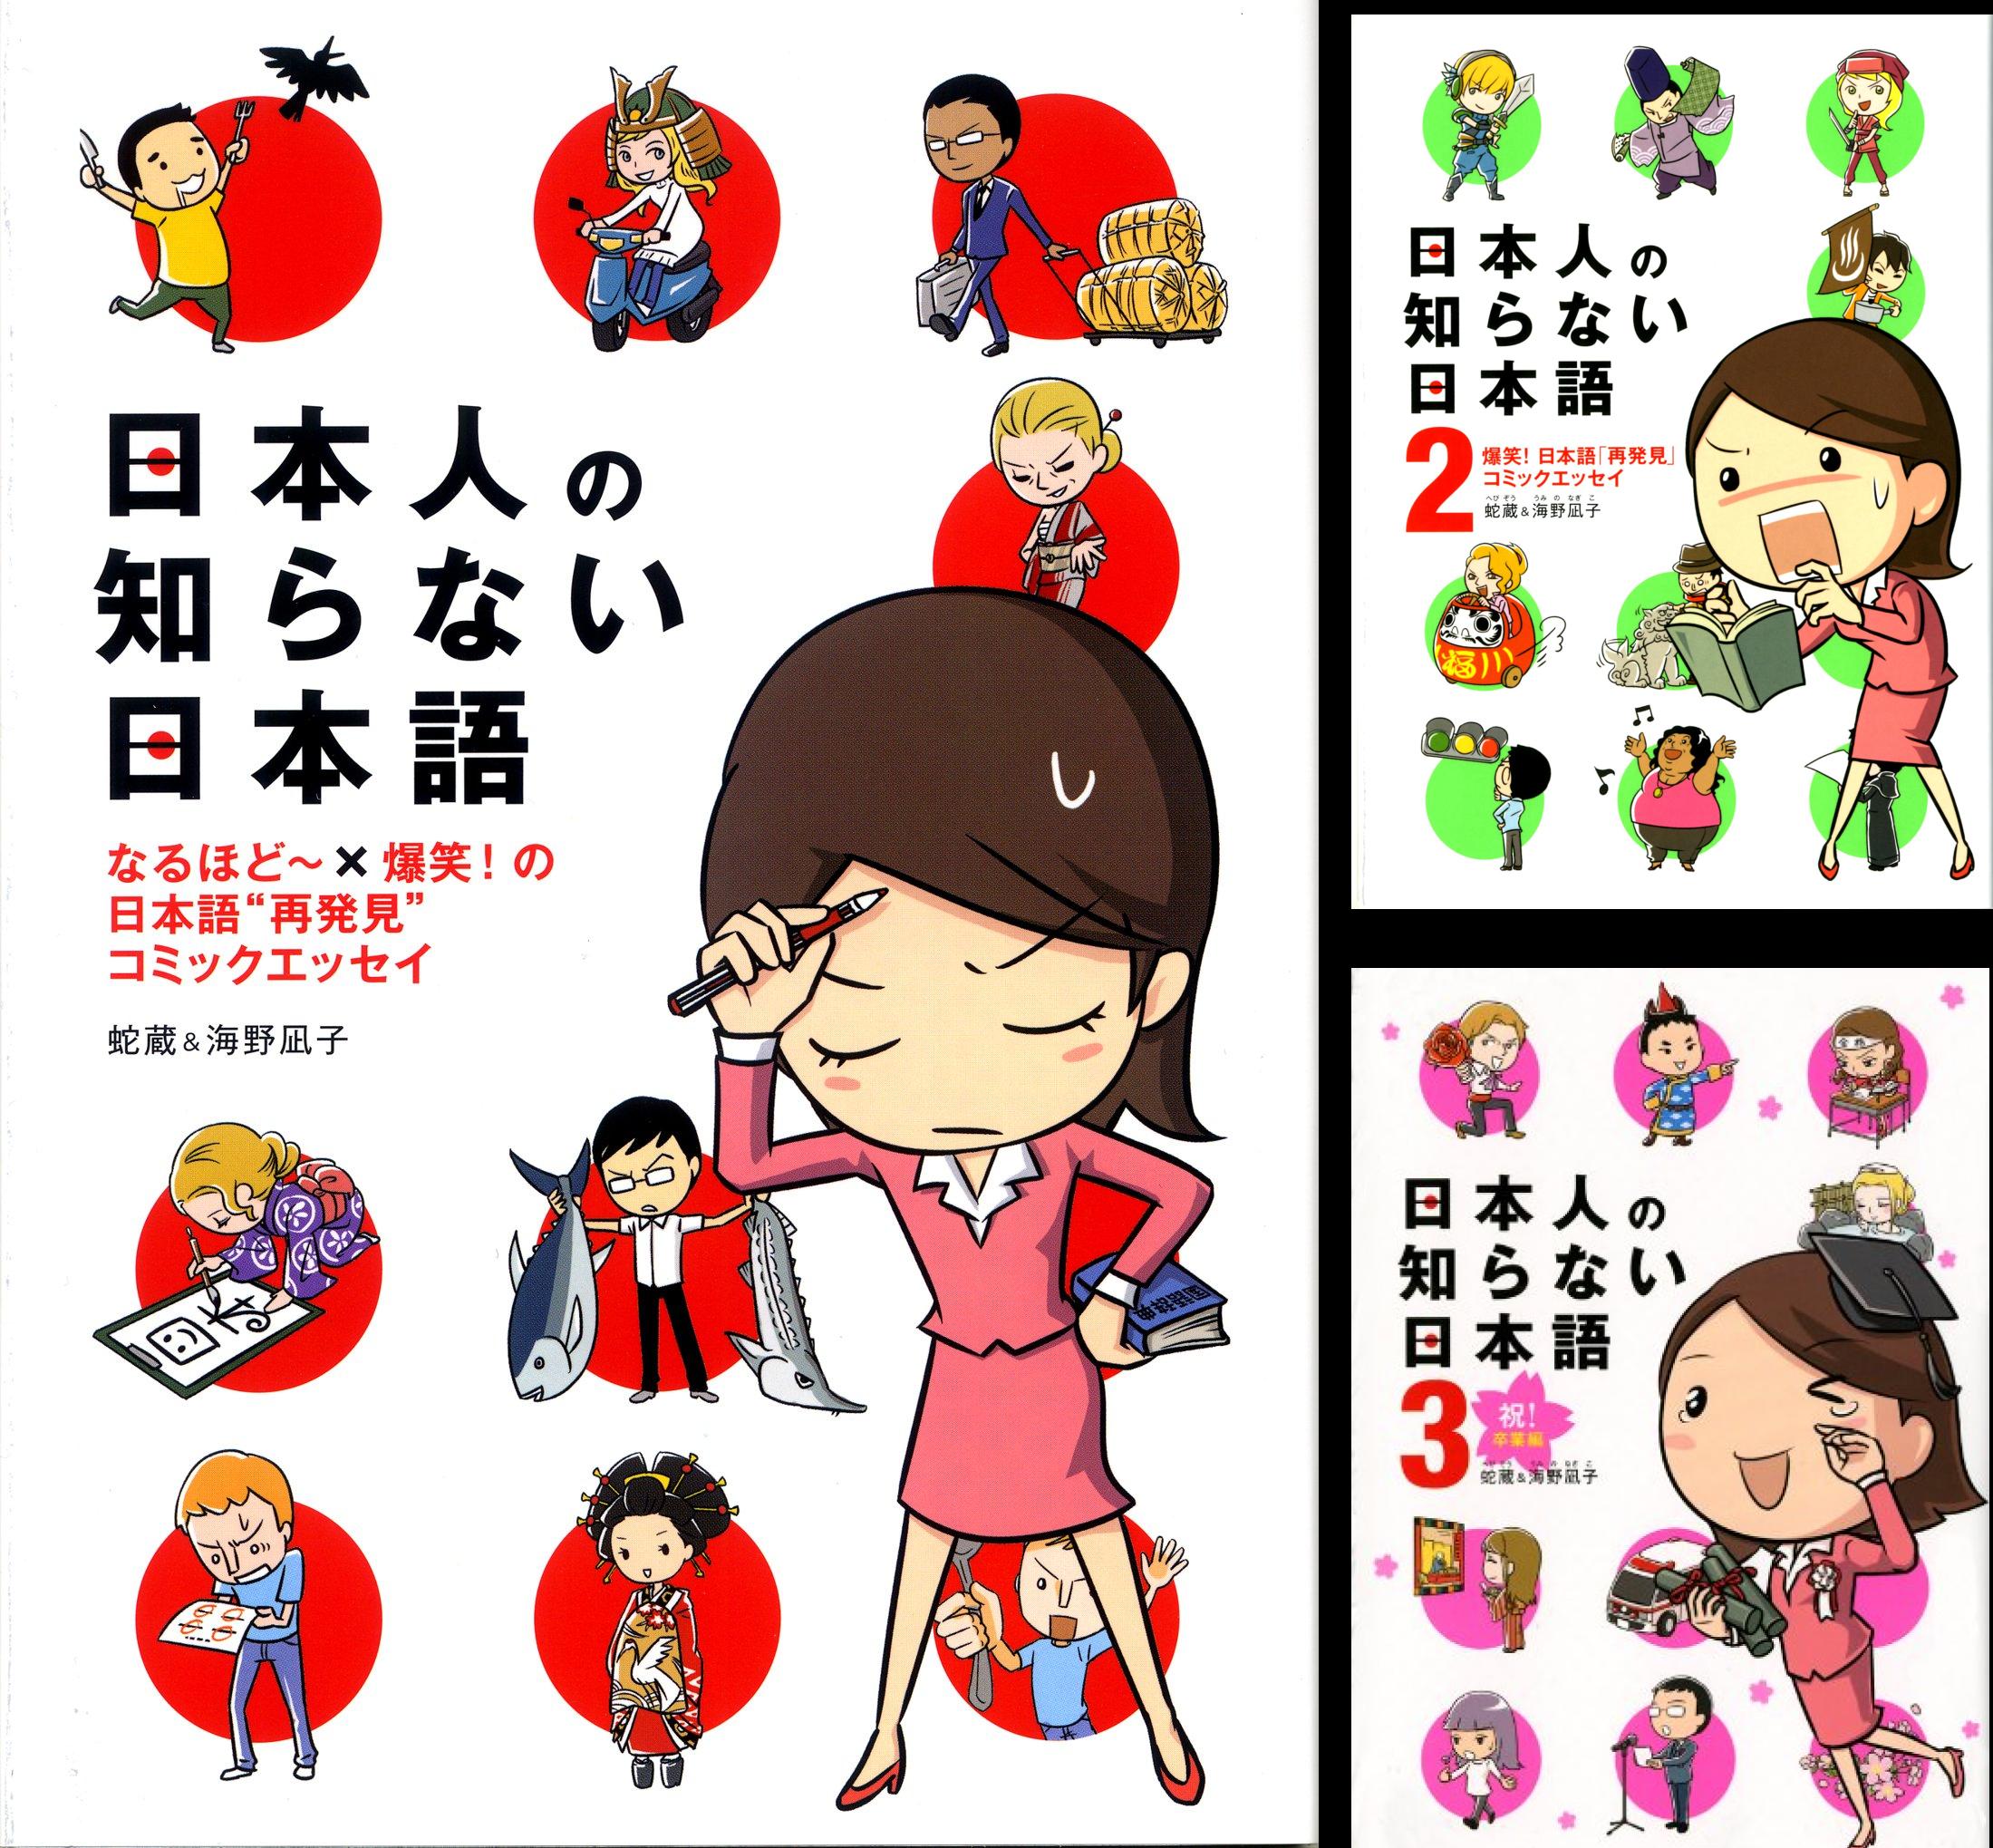 [まとめ買い] 日本人の知らない日本語